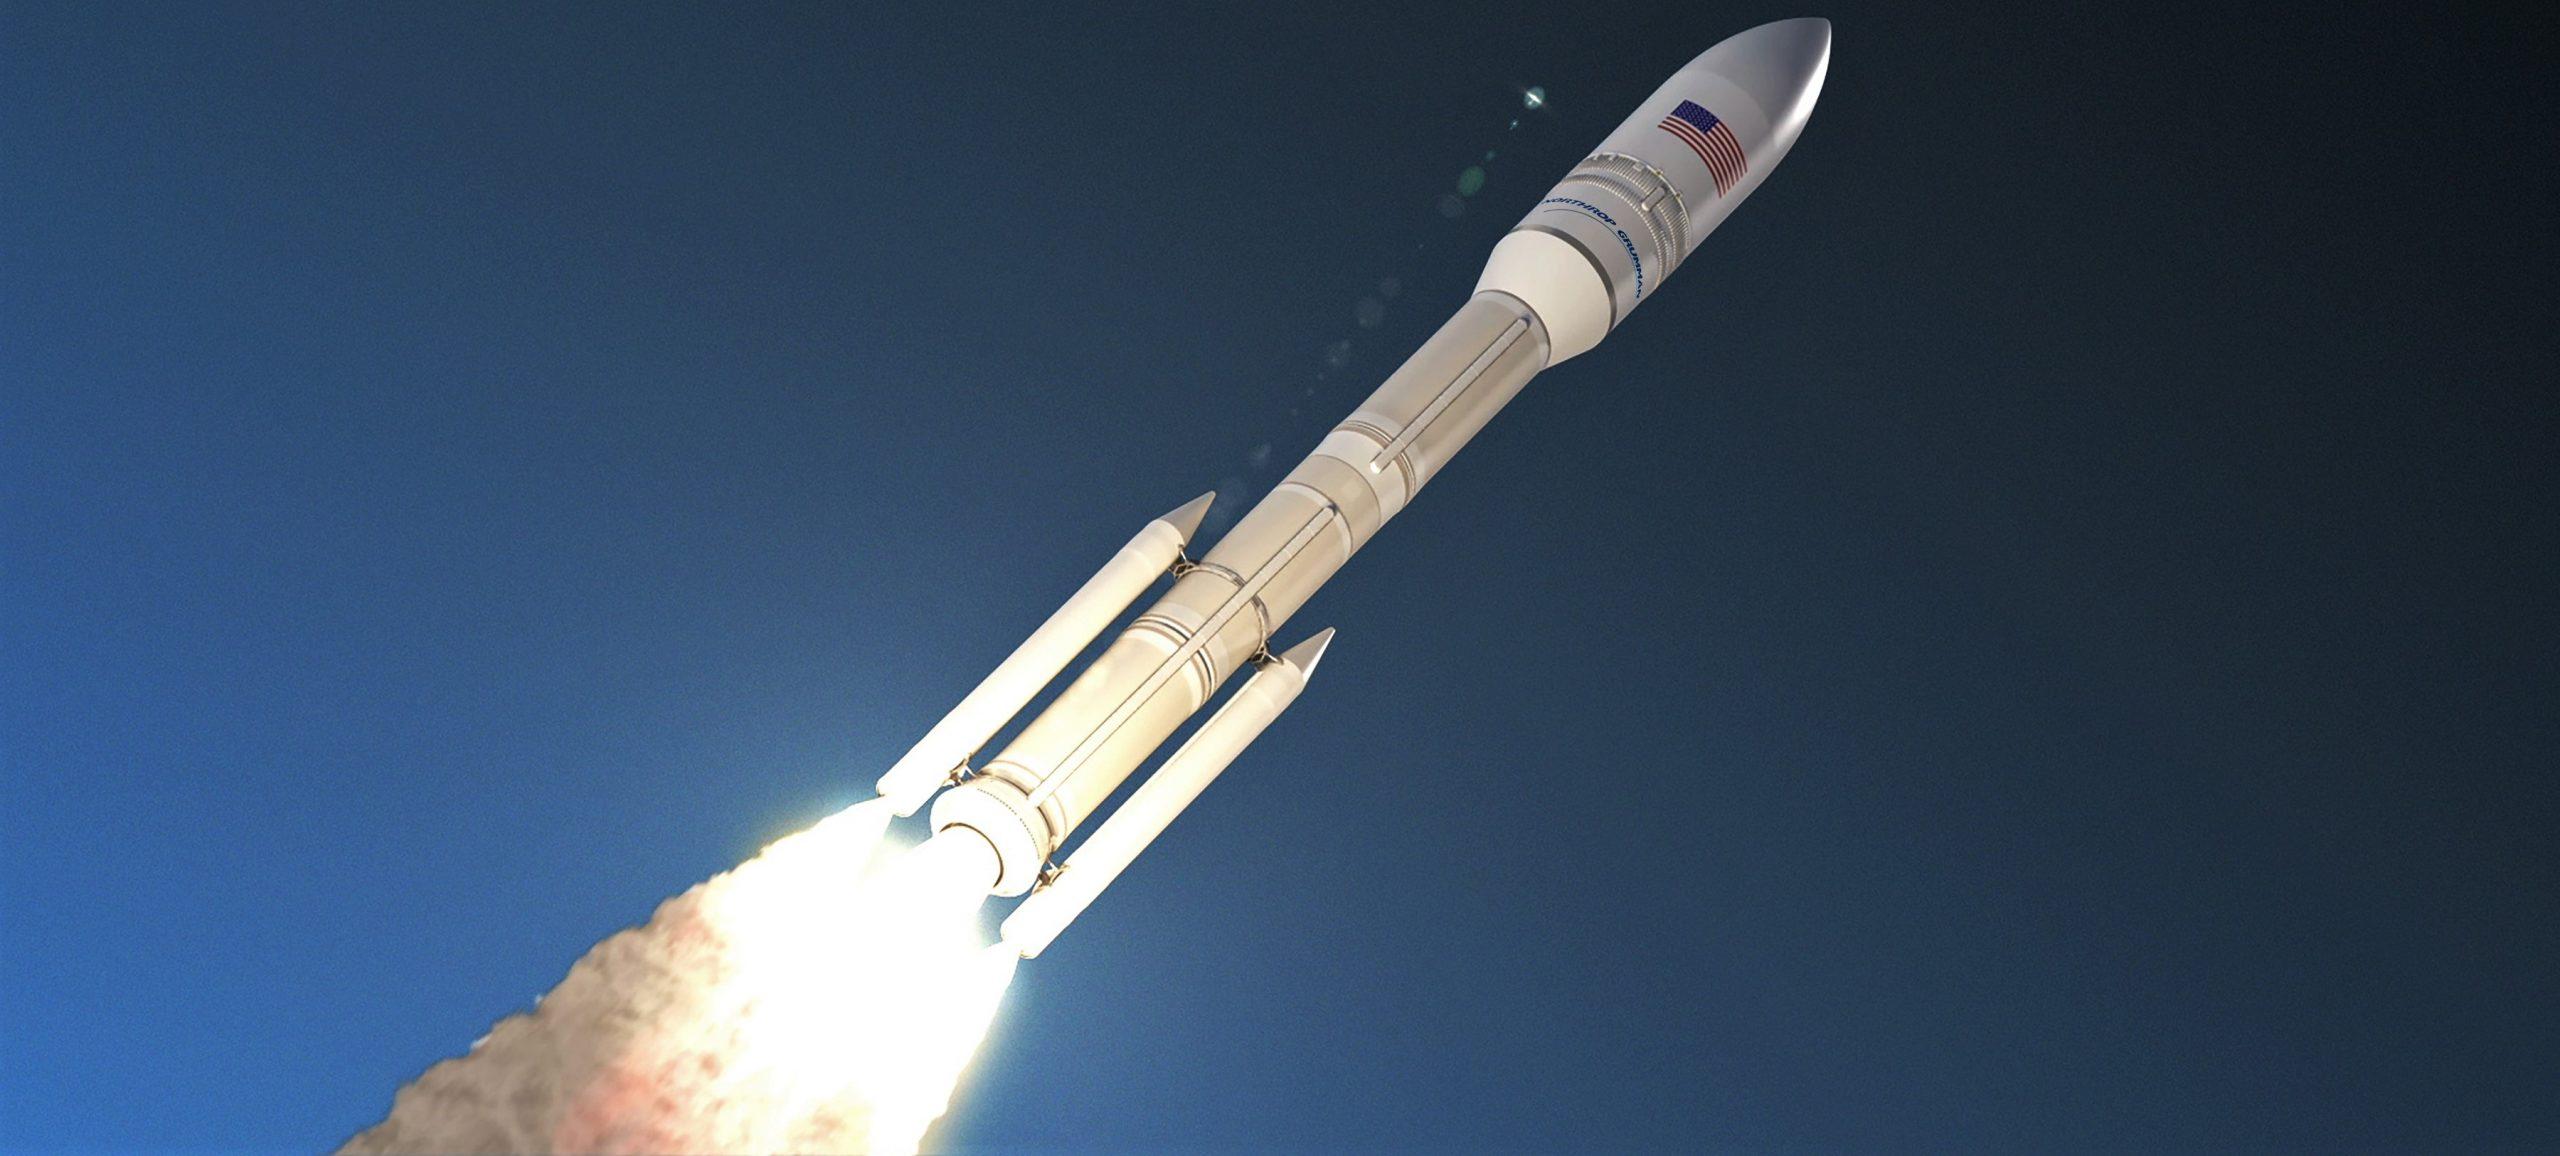 Omega launch render (NIGS – OATK) 1 crop (2)